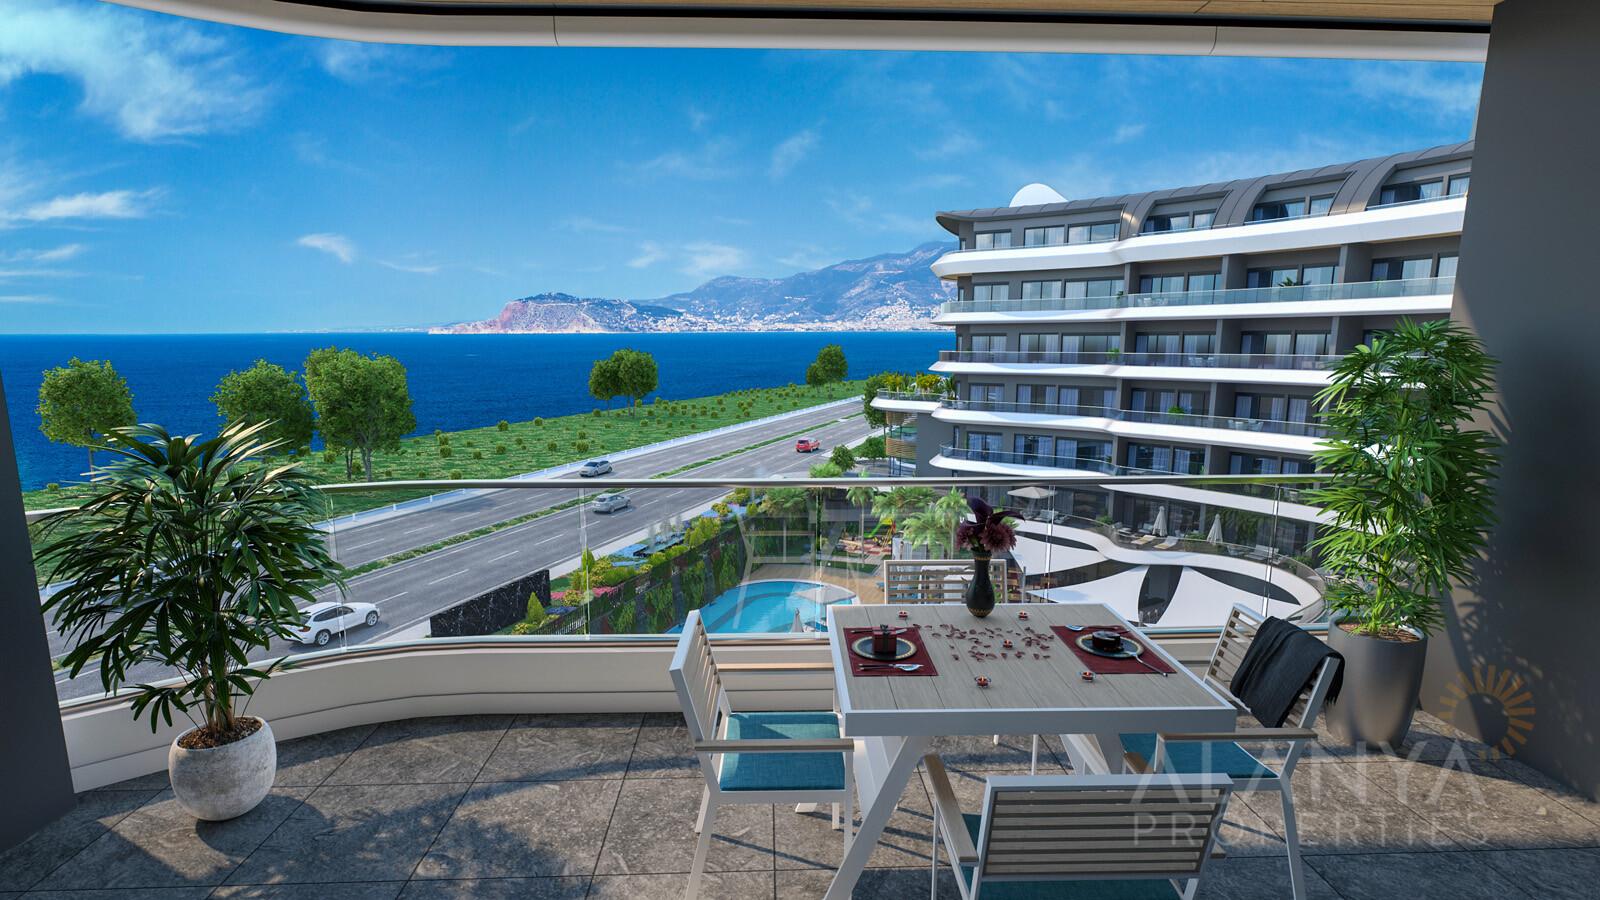 Appartementen in 5* Hotel-Concept Complex met een scala van faciliteiten Kargicak, Alanya